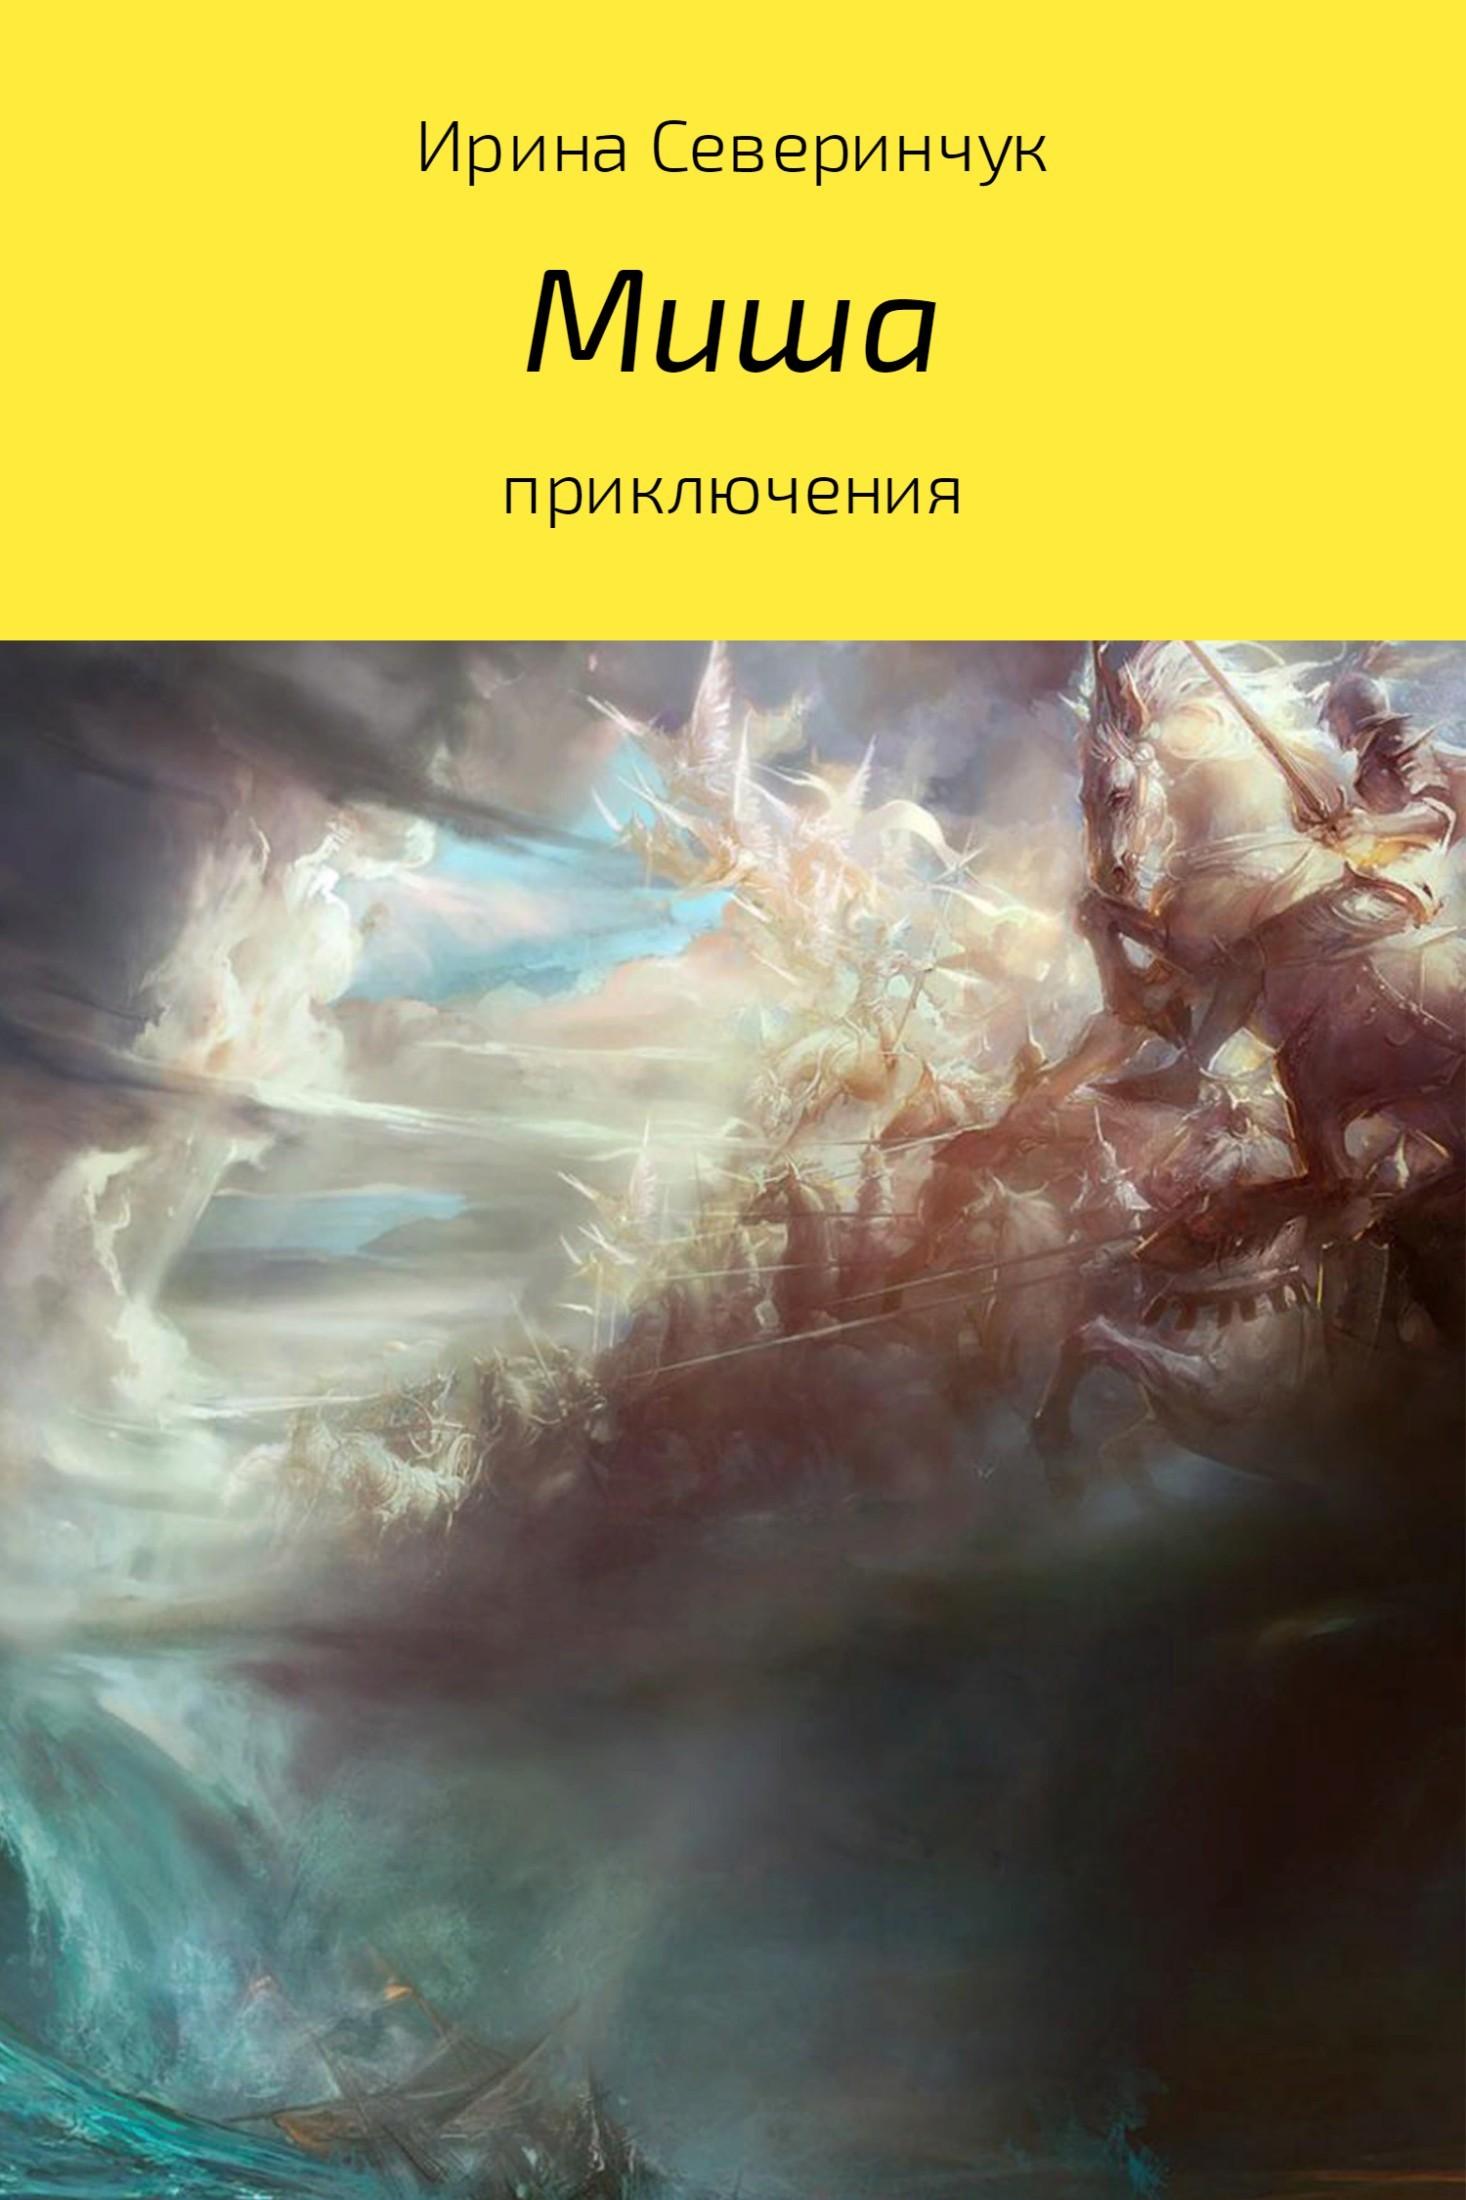 Ирина Трифоновна Северинчук Миша